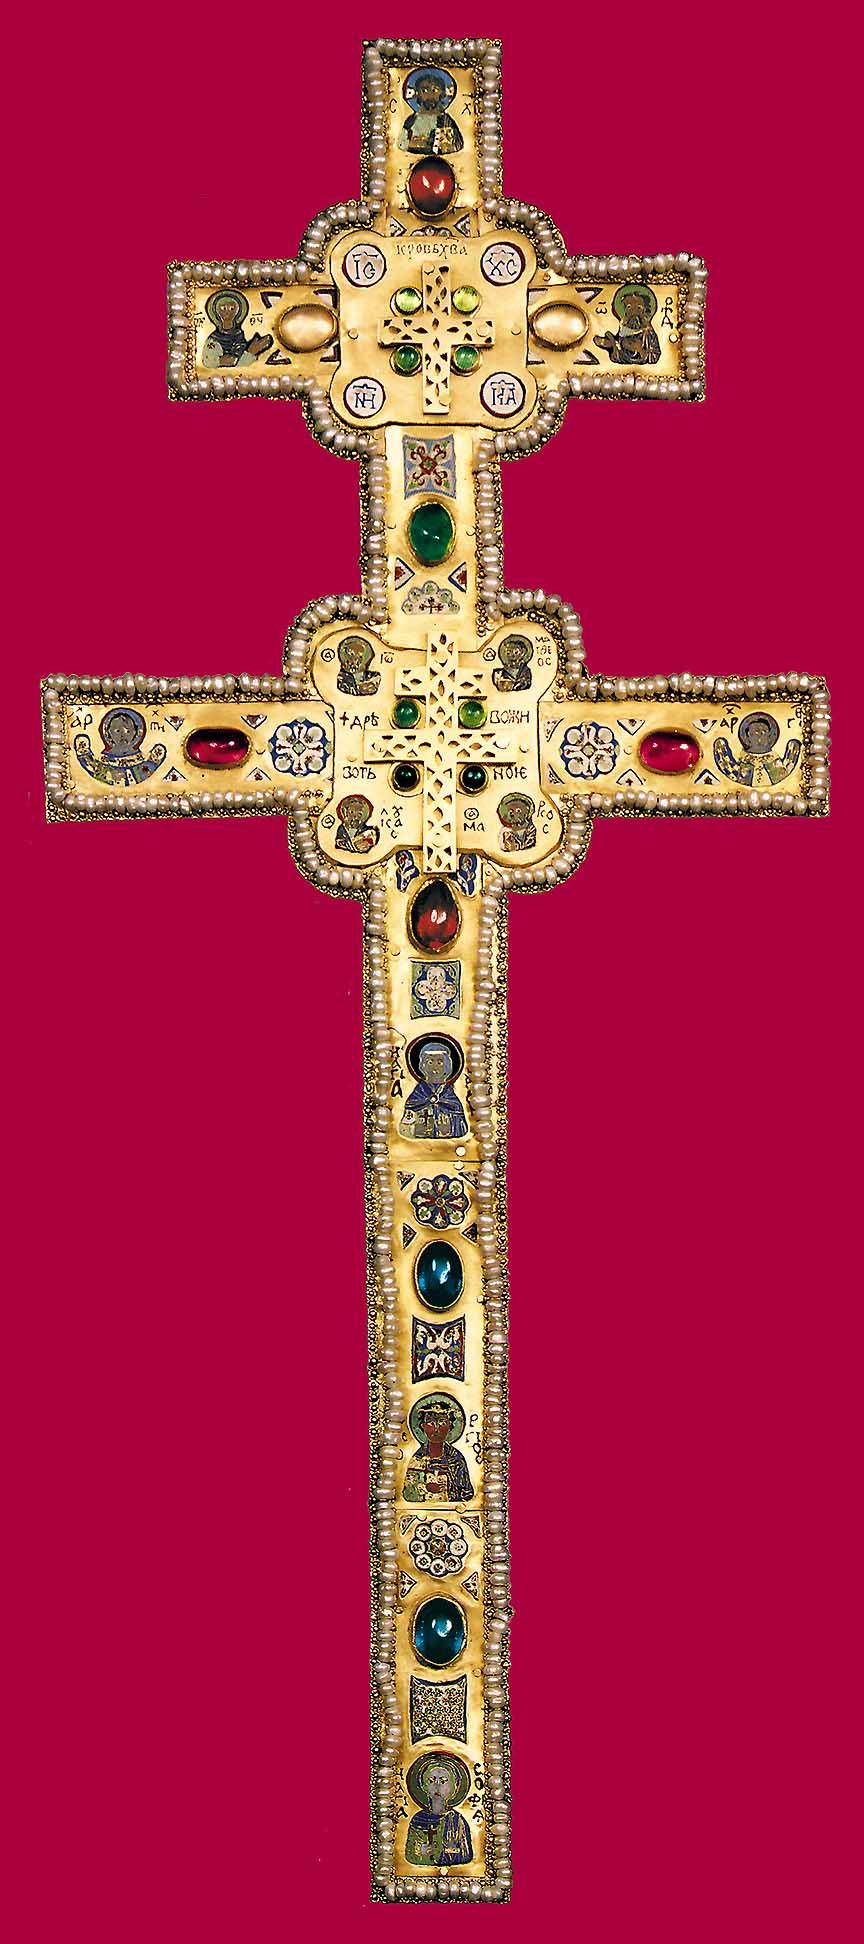 фото крест евфросинии полоцкой